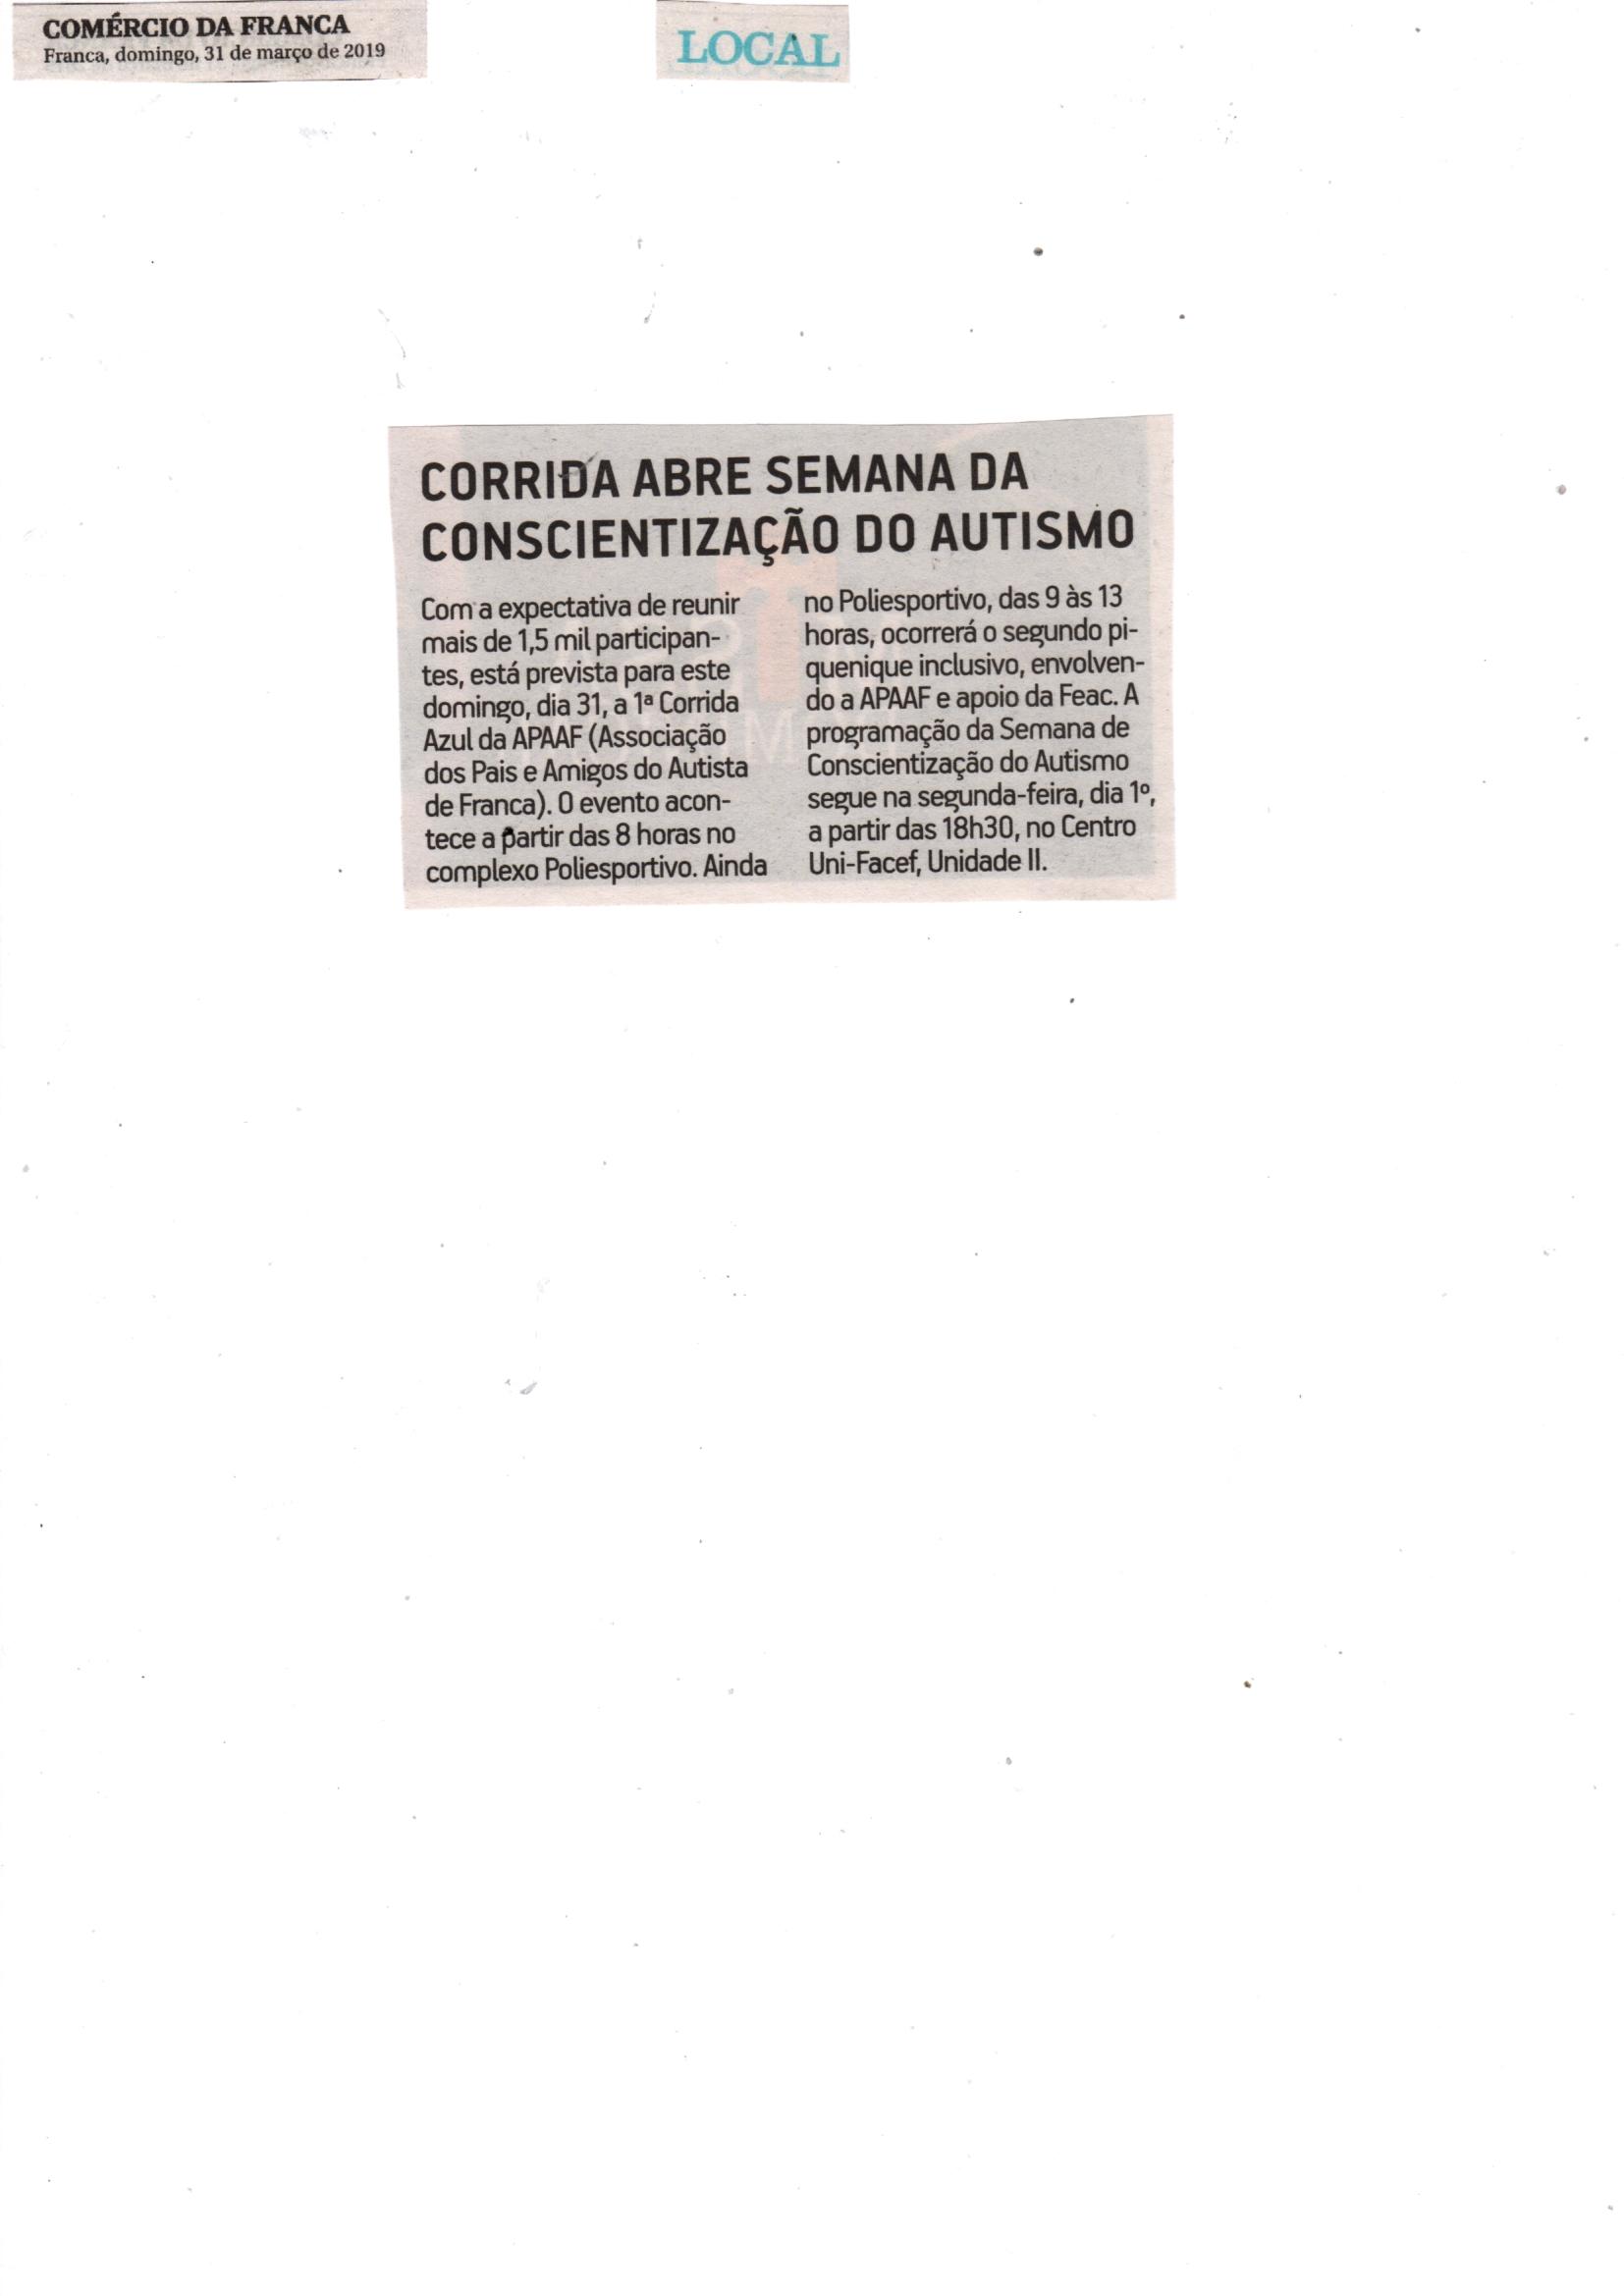 644b8cd4d 31/03/19 e 01/04/19 - DIÁRIOVERDADE - Visita - Major Olímpio vem a Franca e  visita Santa C..